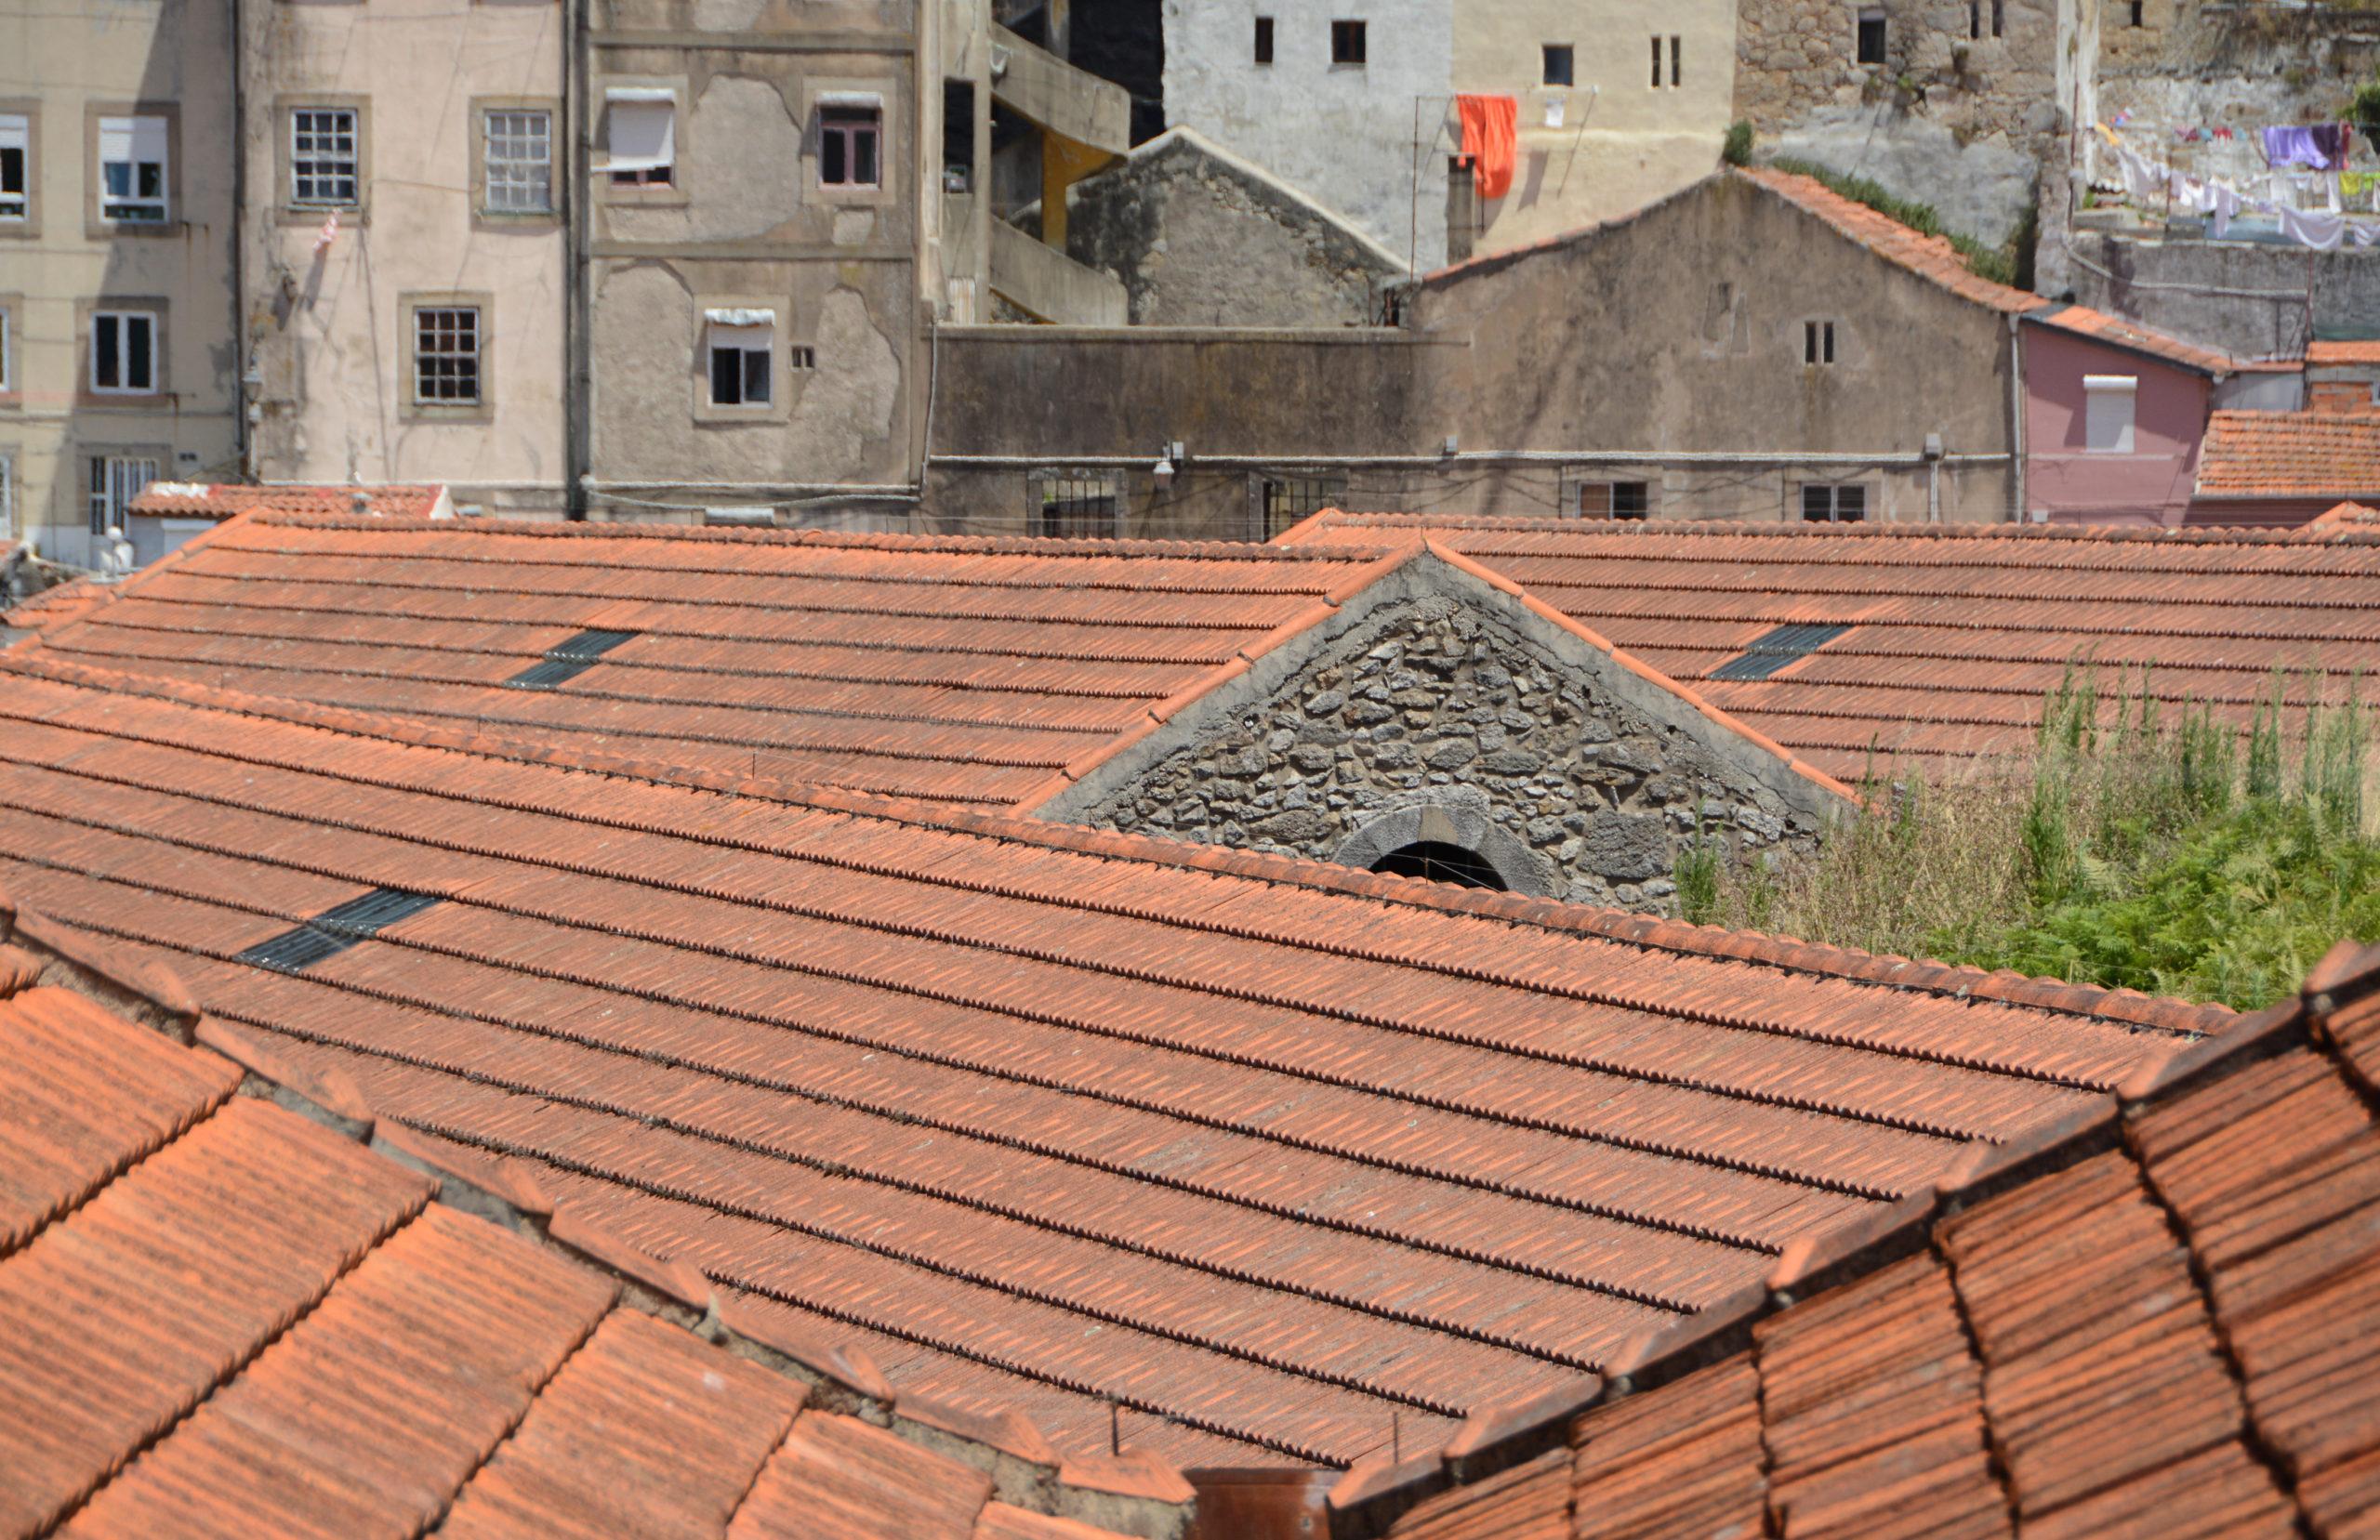 Hausdächer in Porto